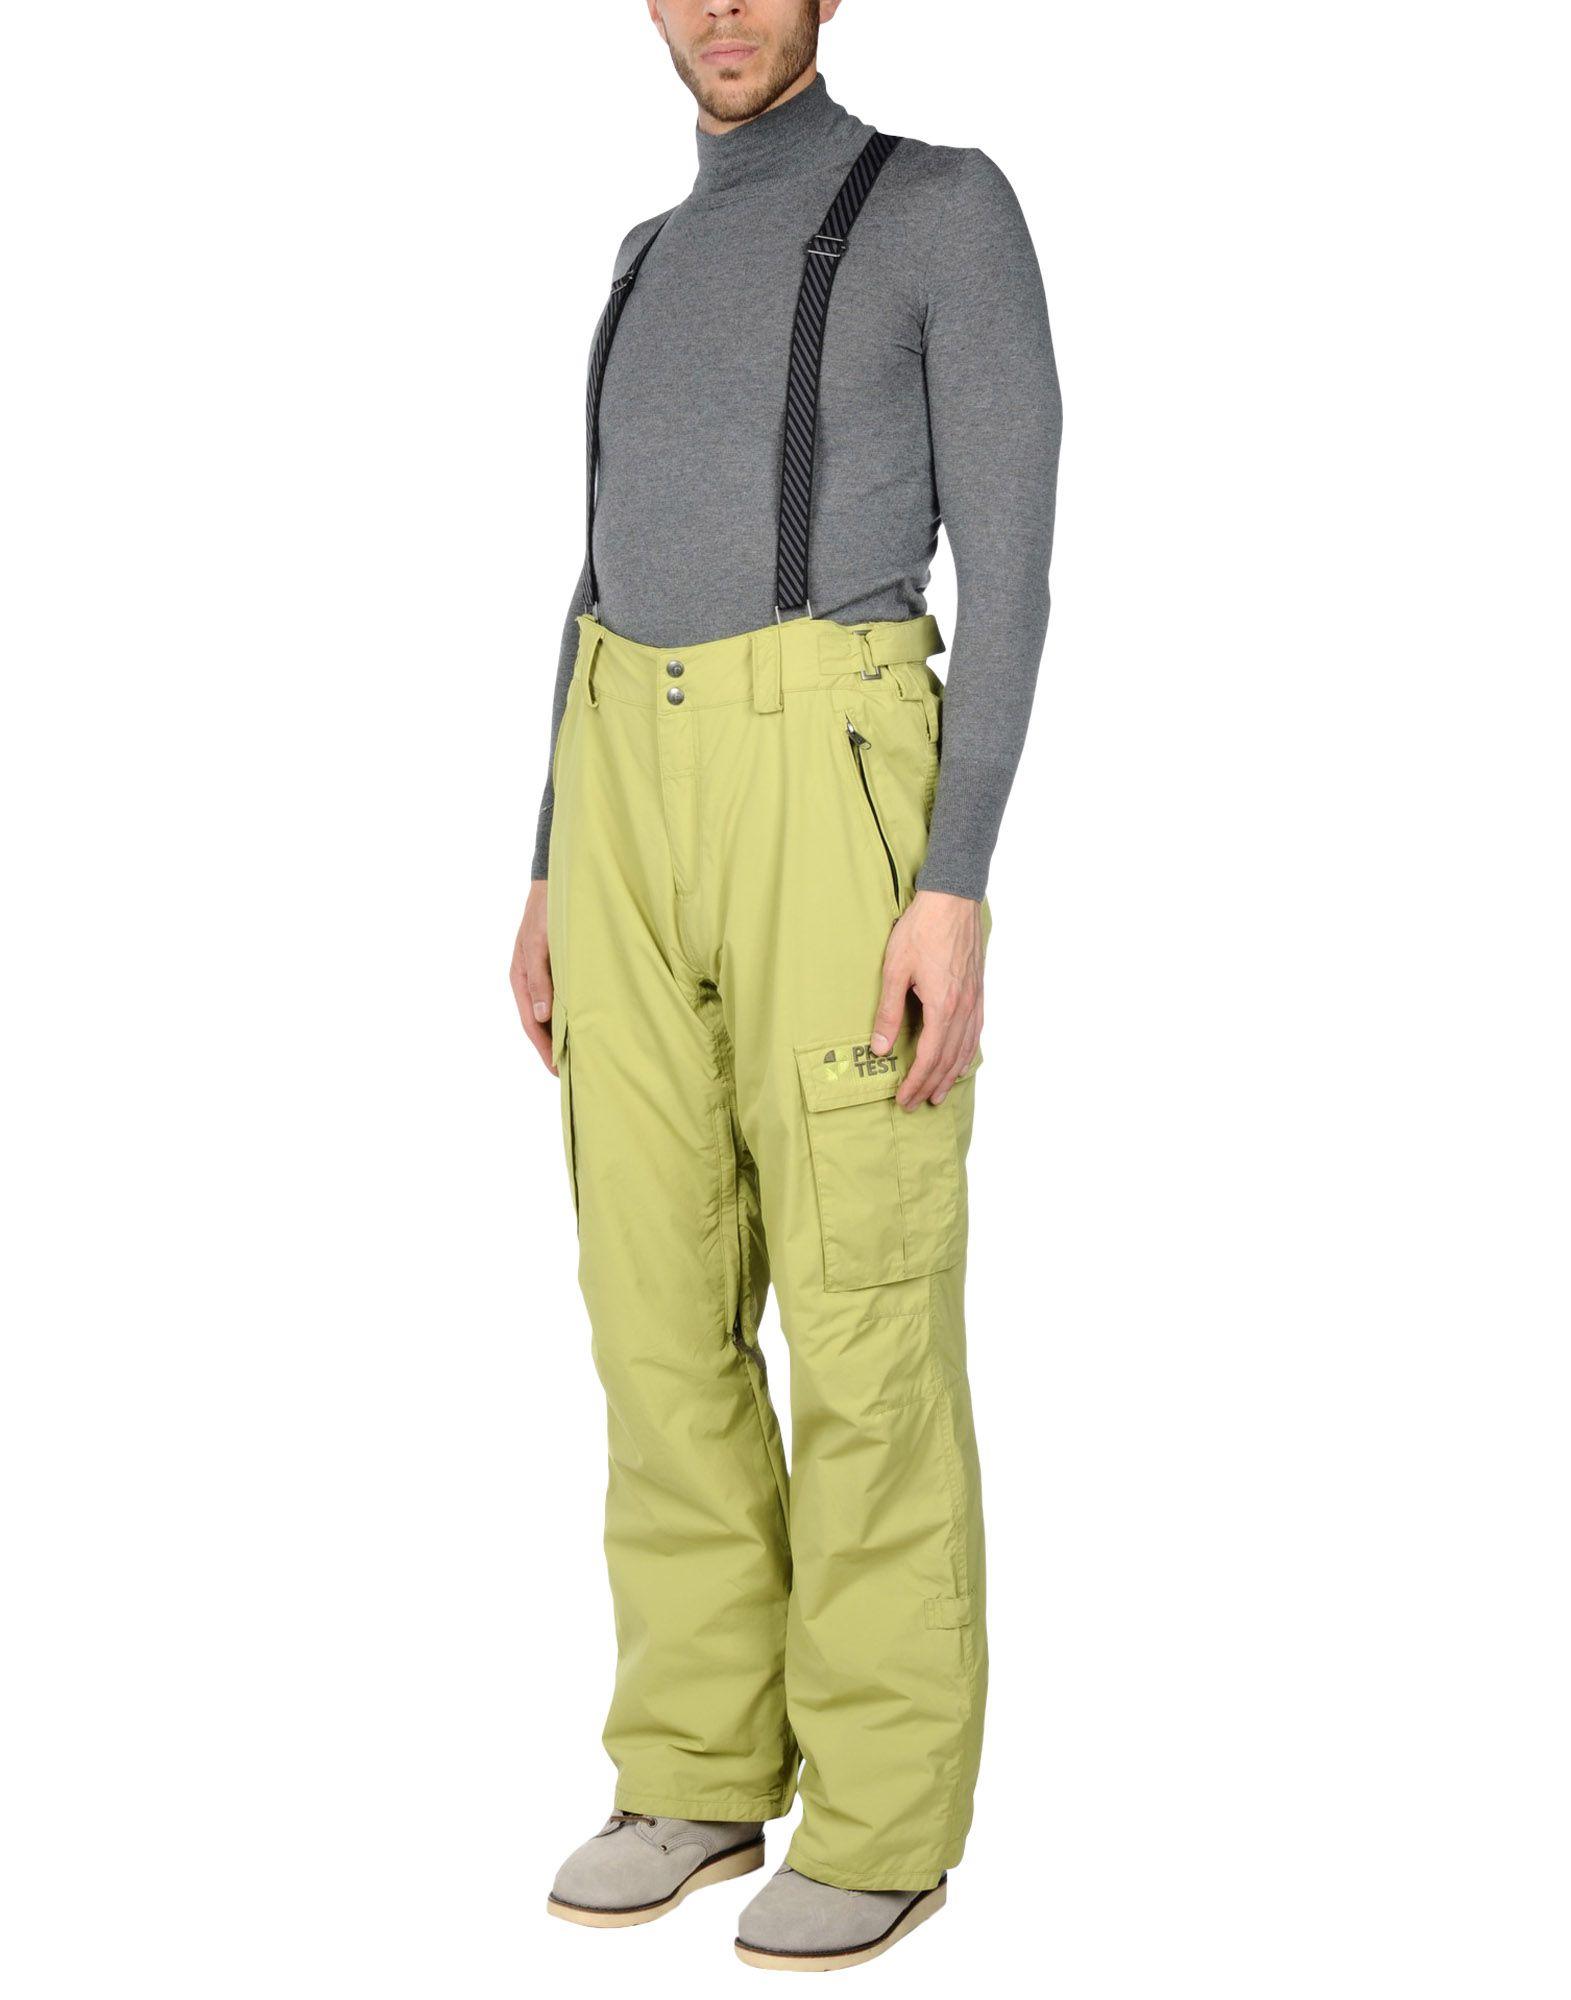 Pantaloni Sci Protest Uomo - Acquista online su